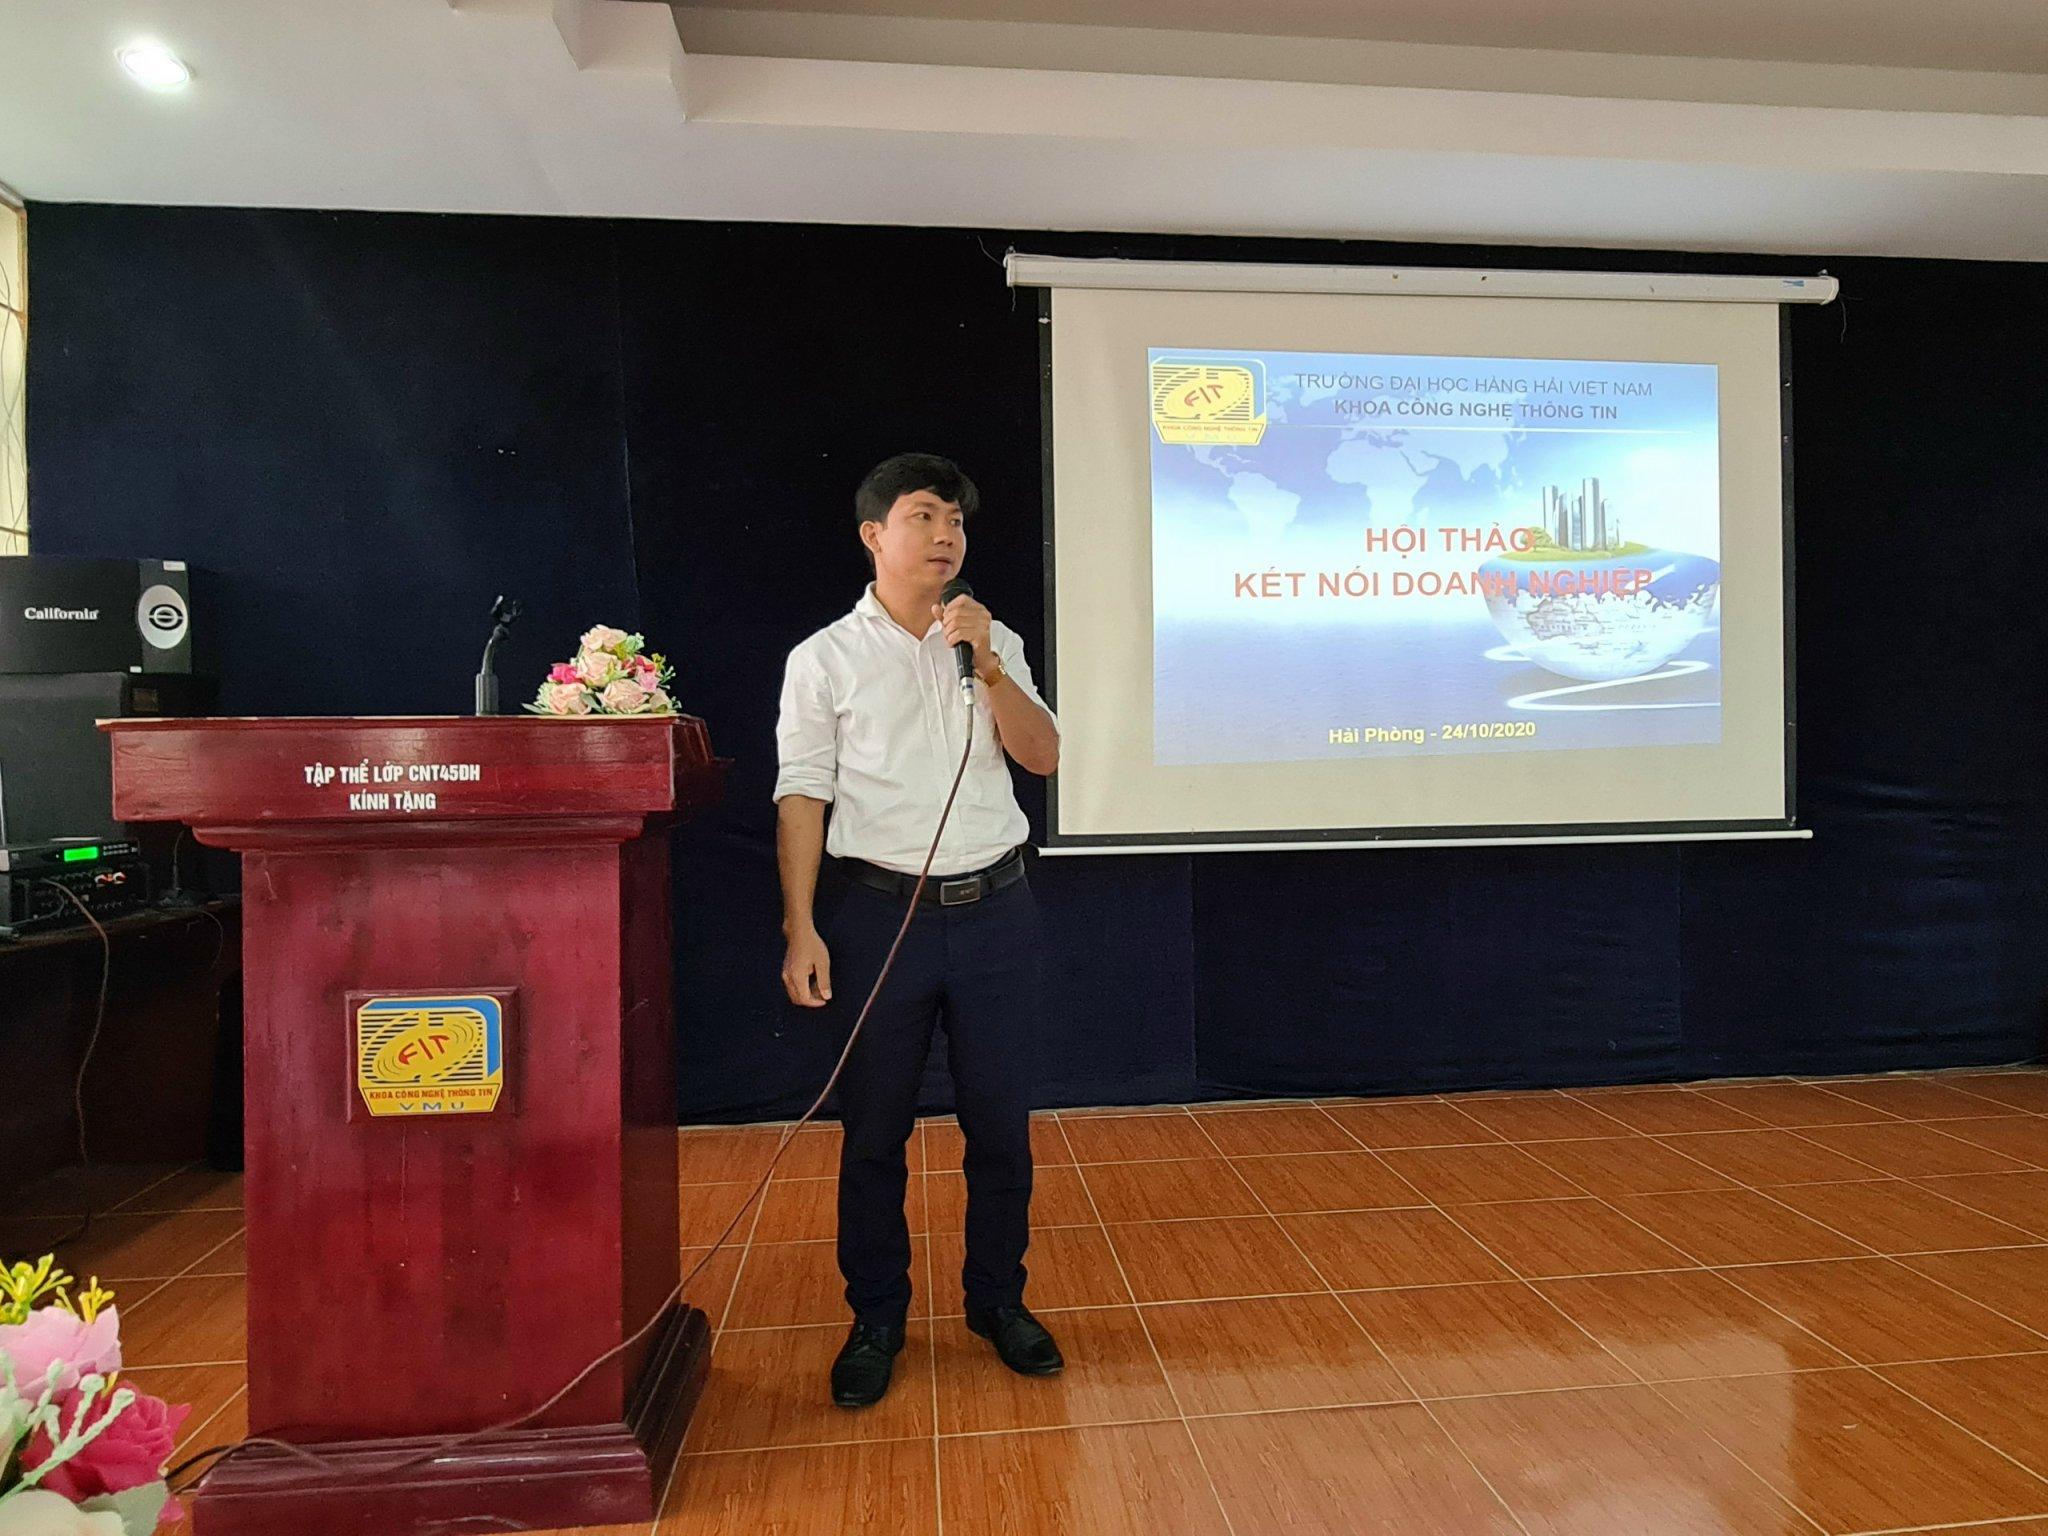 Công ty phối hợp với trường Đại học Hàng hải tuyển dụng nhân sự